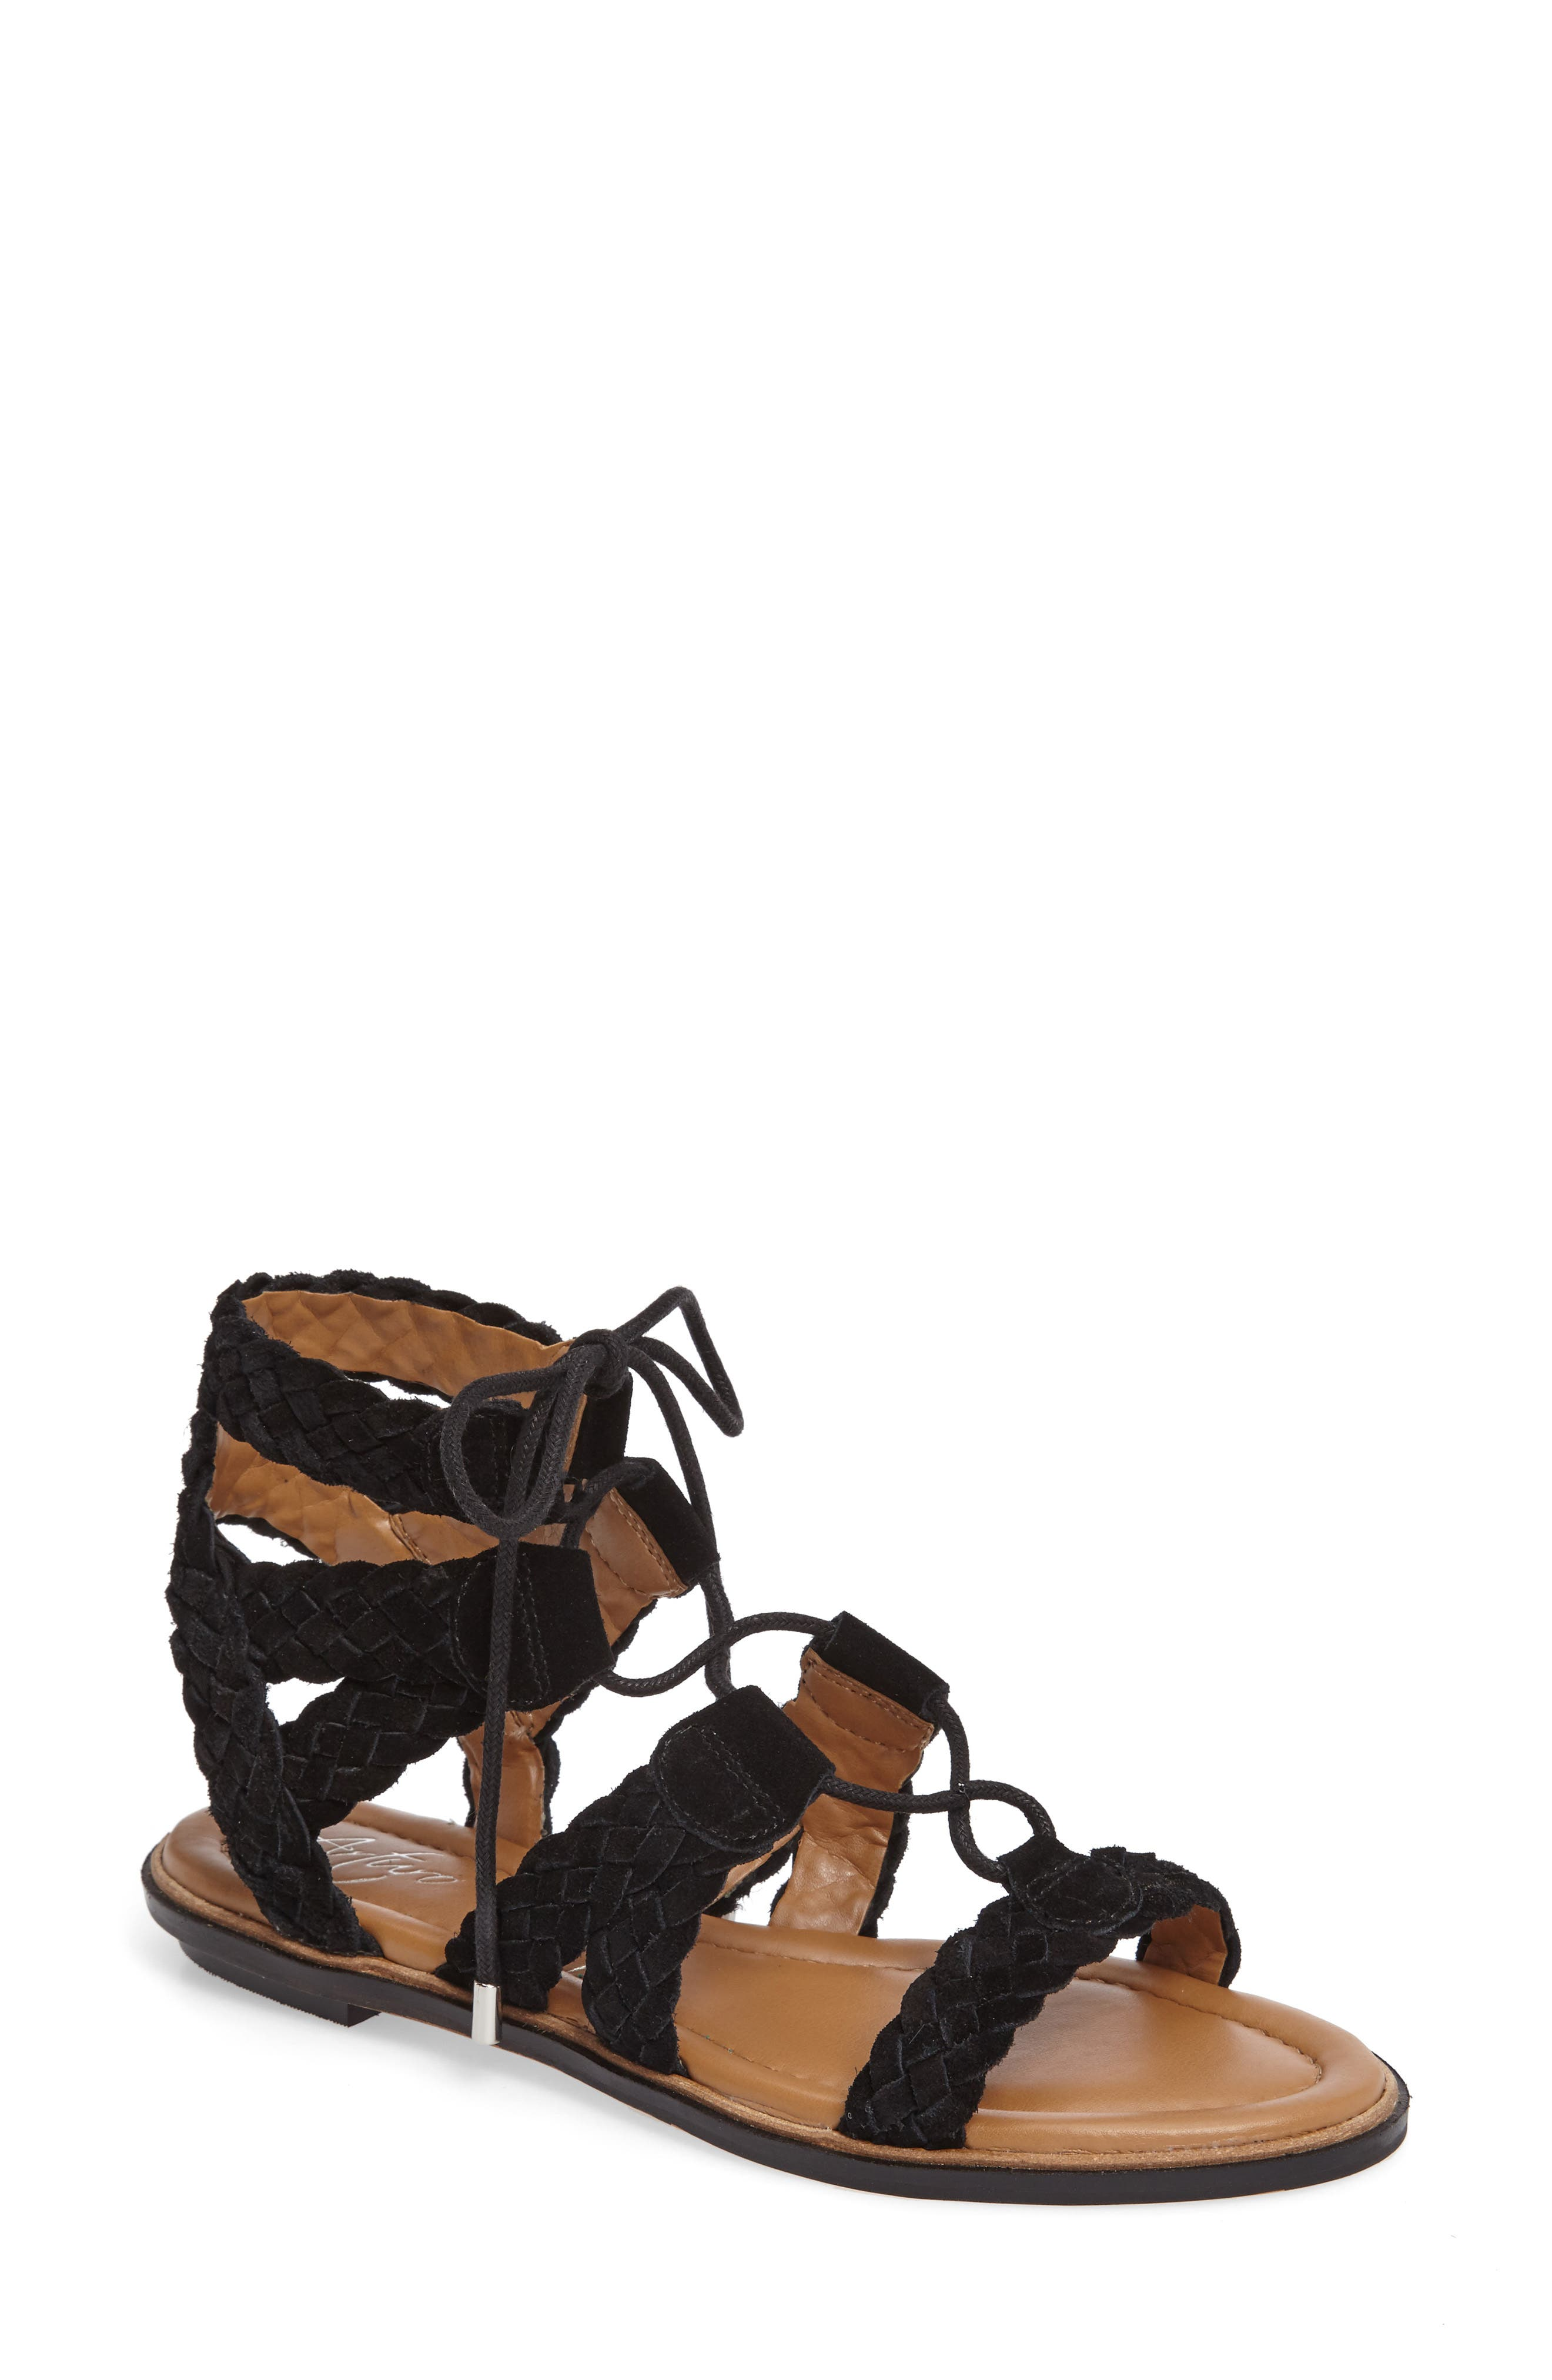 Cassie Lace-Up Sandal,                             Main thumbnail 1, color,                             001